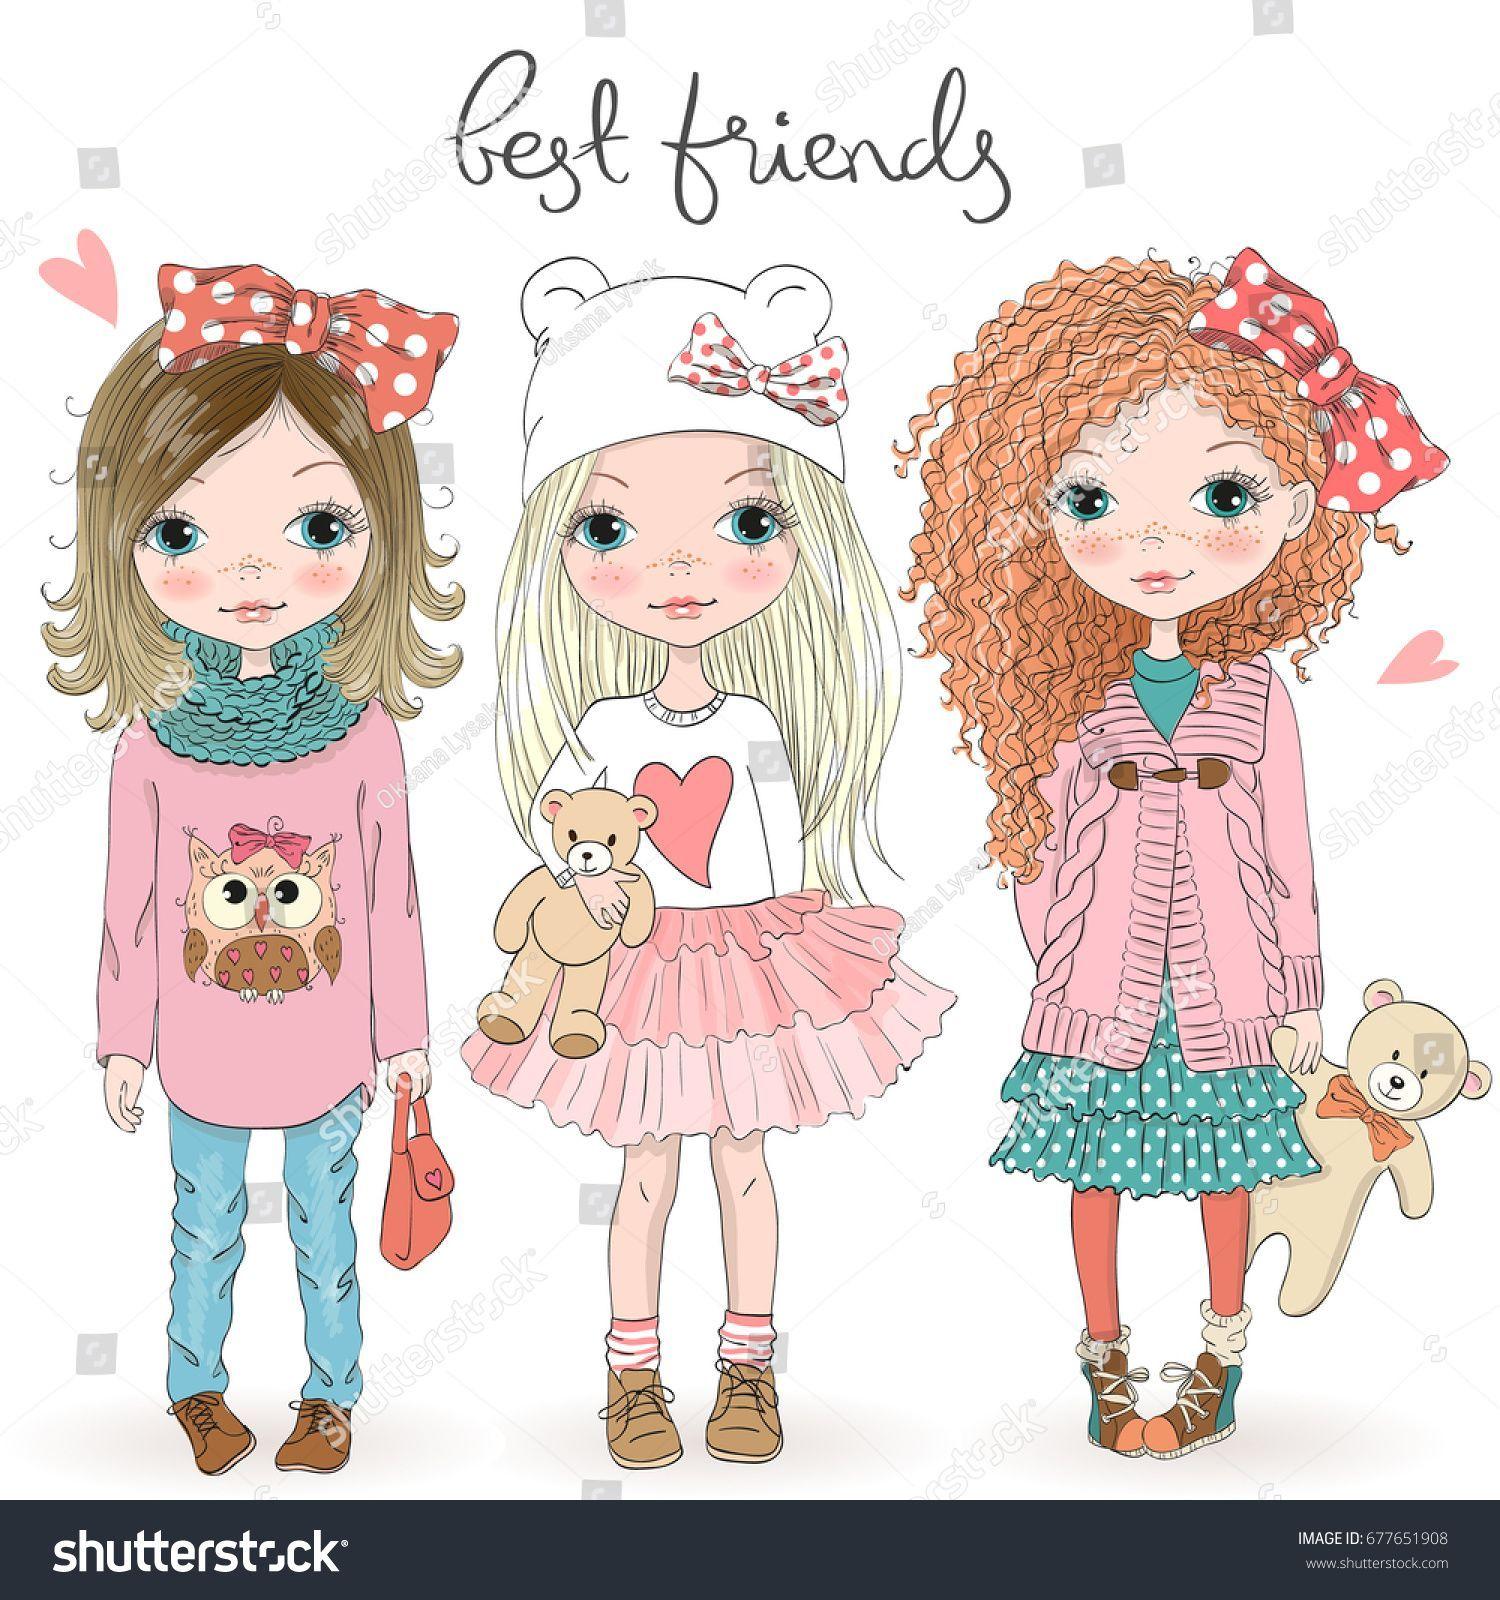 3 girl best friends clipart 8 » Clipart Portal.